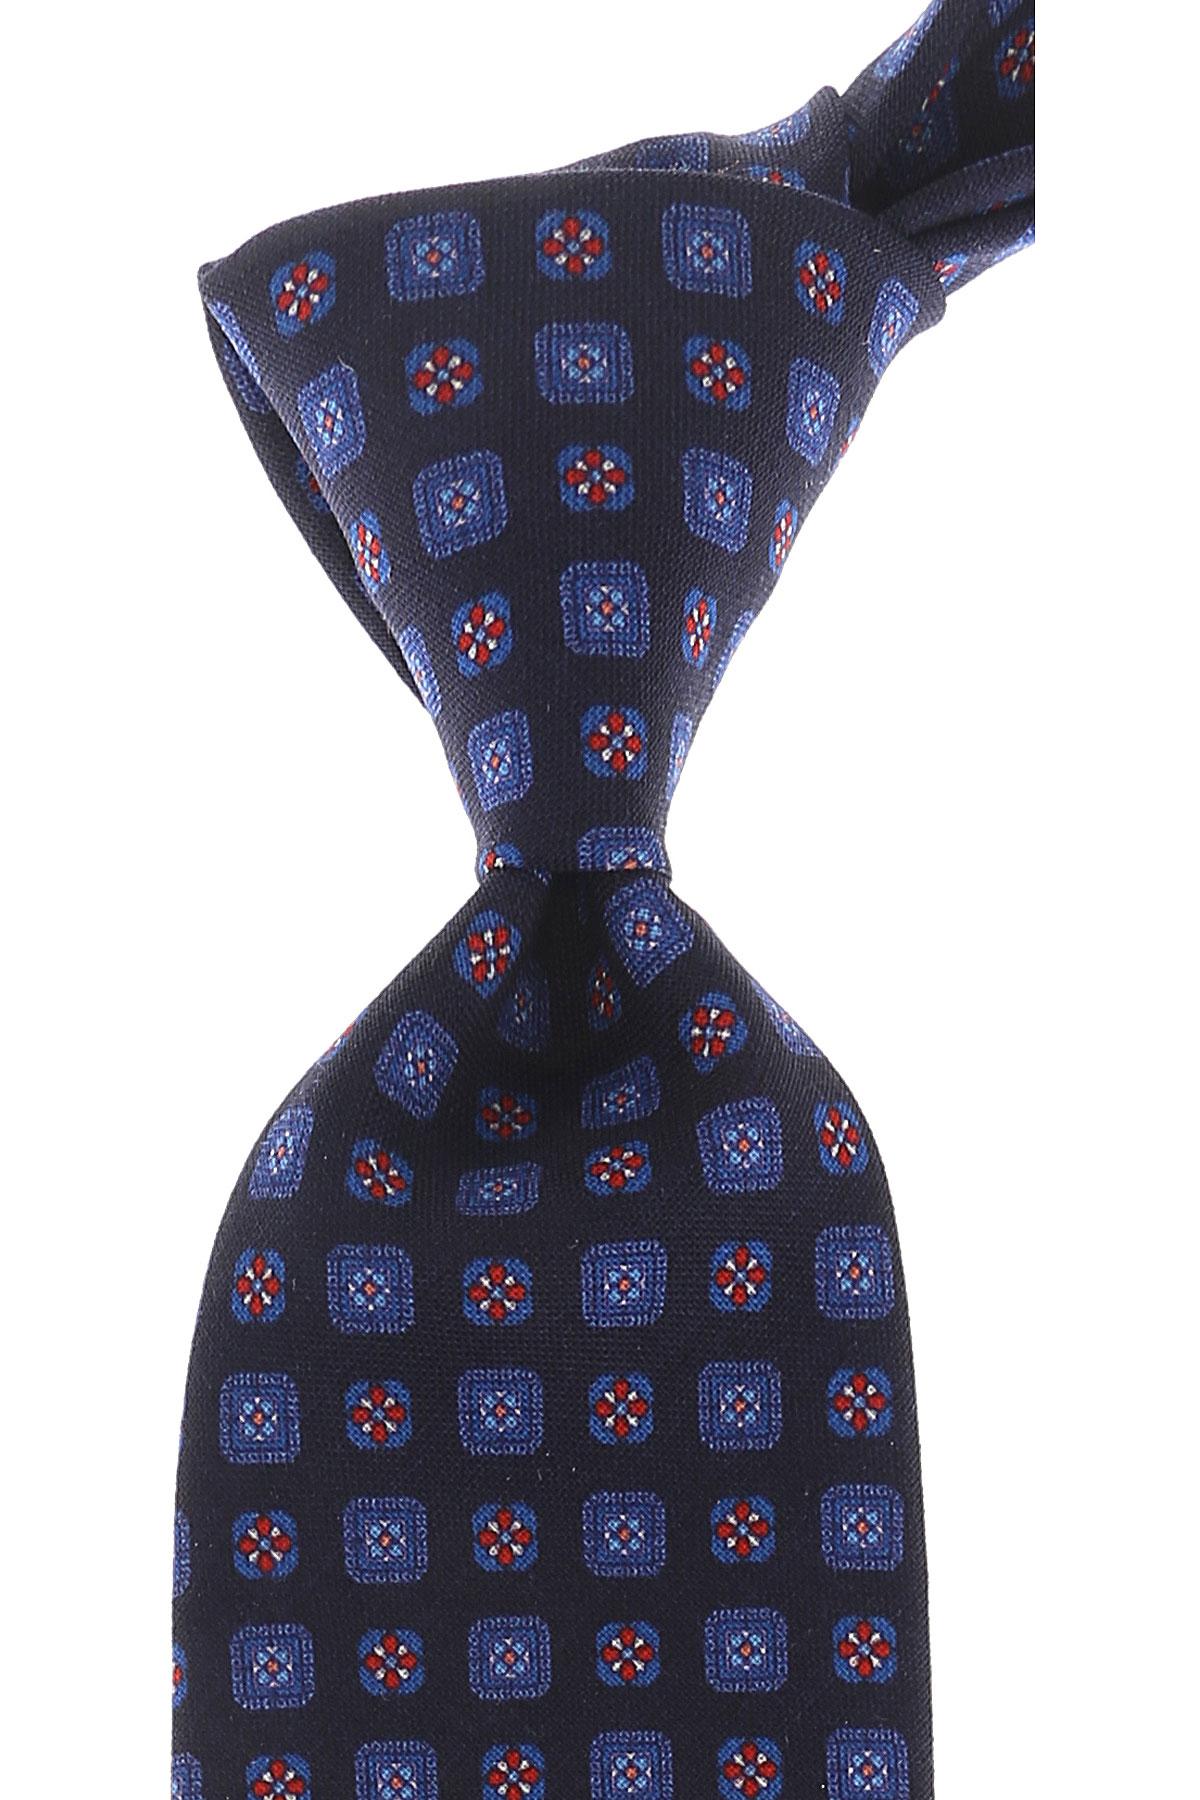 Church's Cravates Pas cher en Soldes, Bleu nuit, Laine vierge, 2017